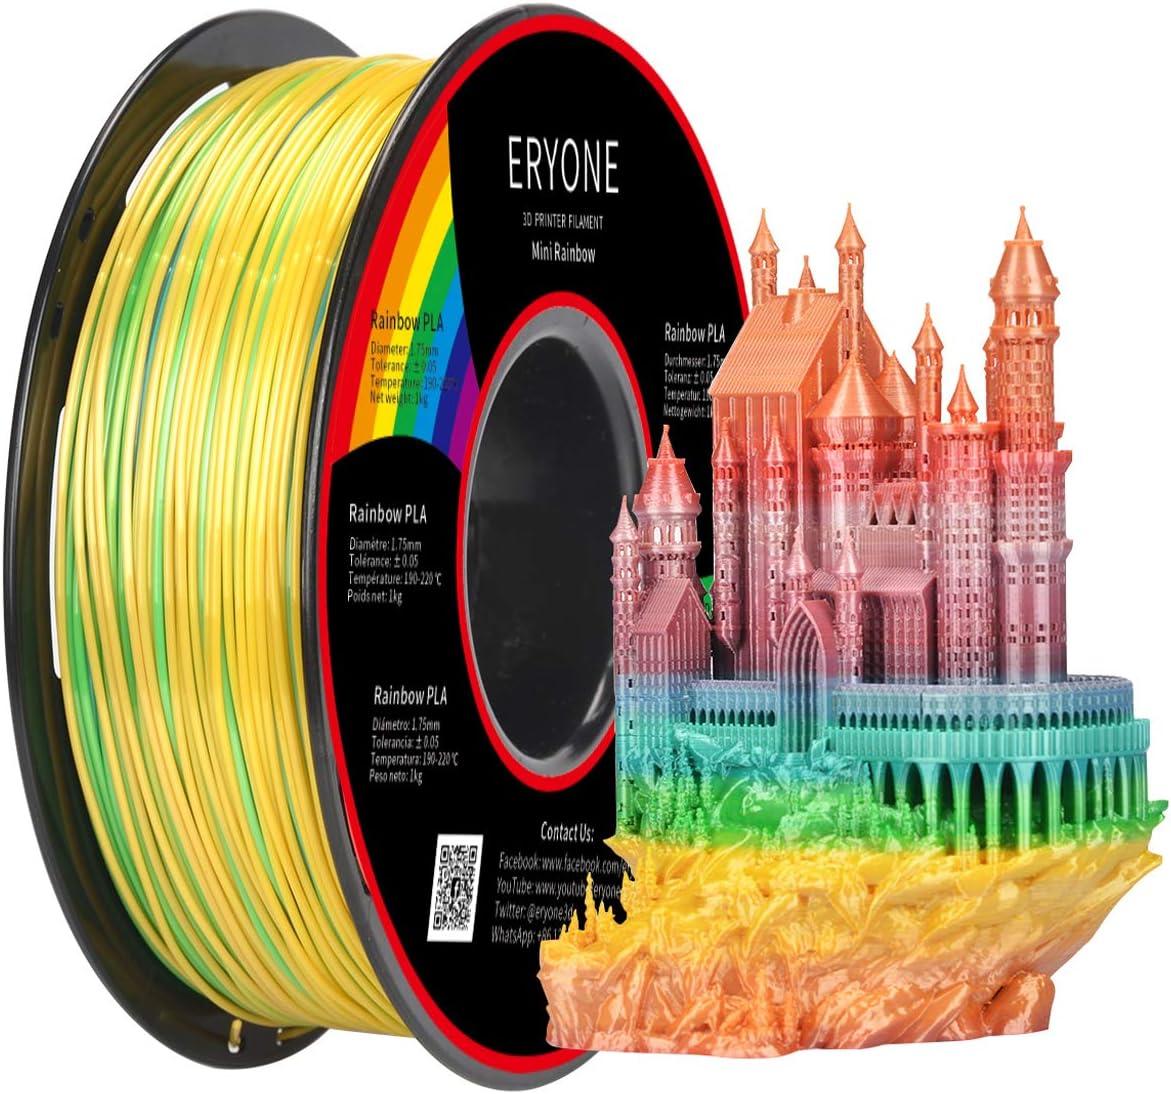 Eryone PLA Filament 1.75mm Rainbow Multicolore